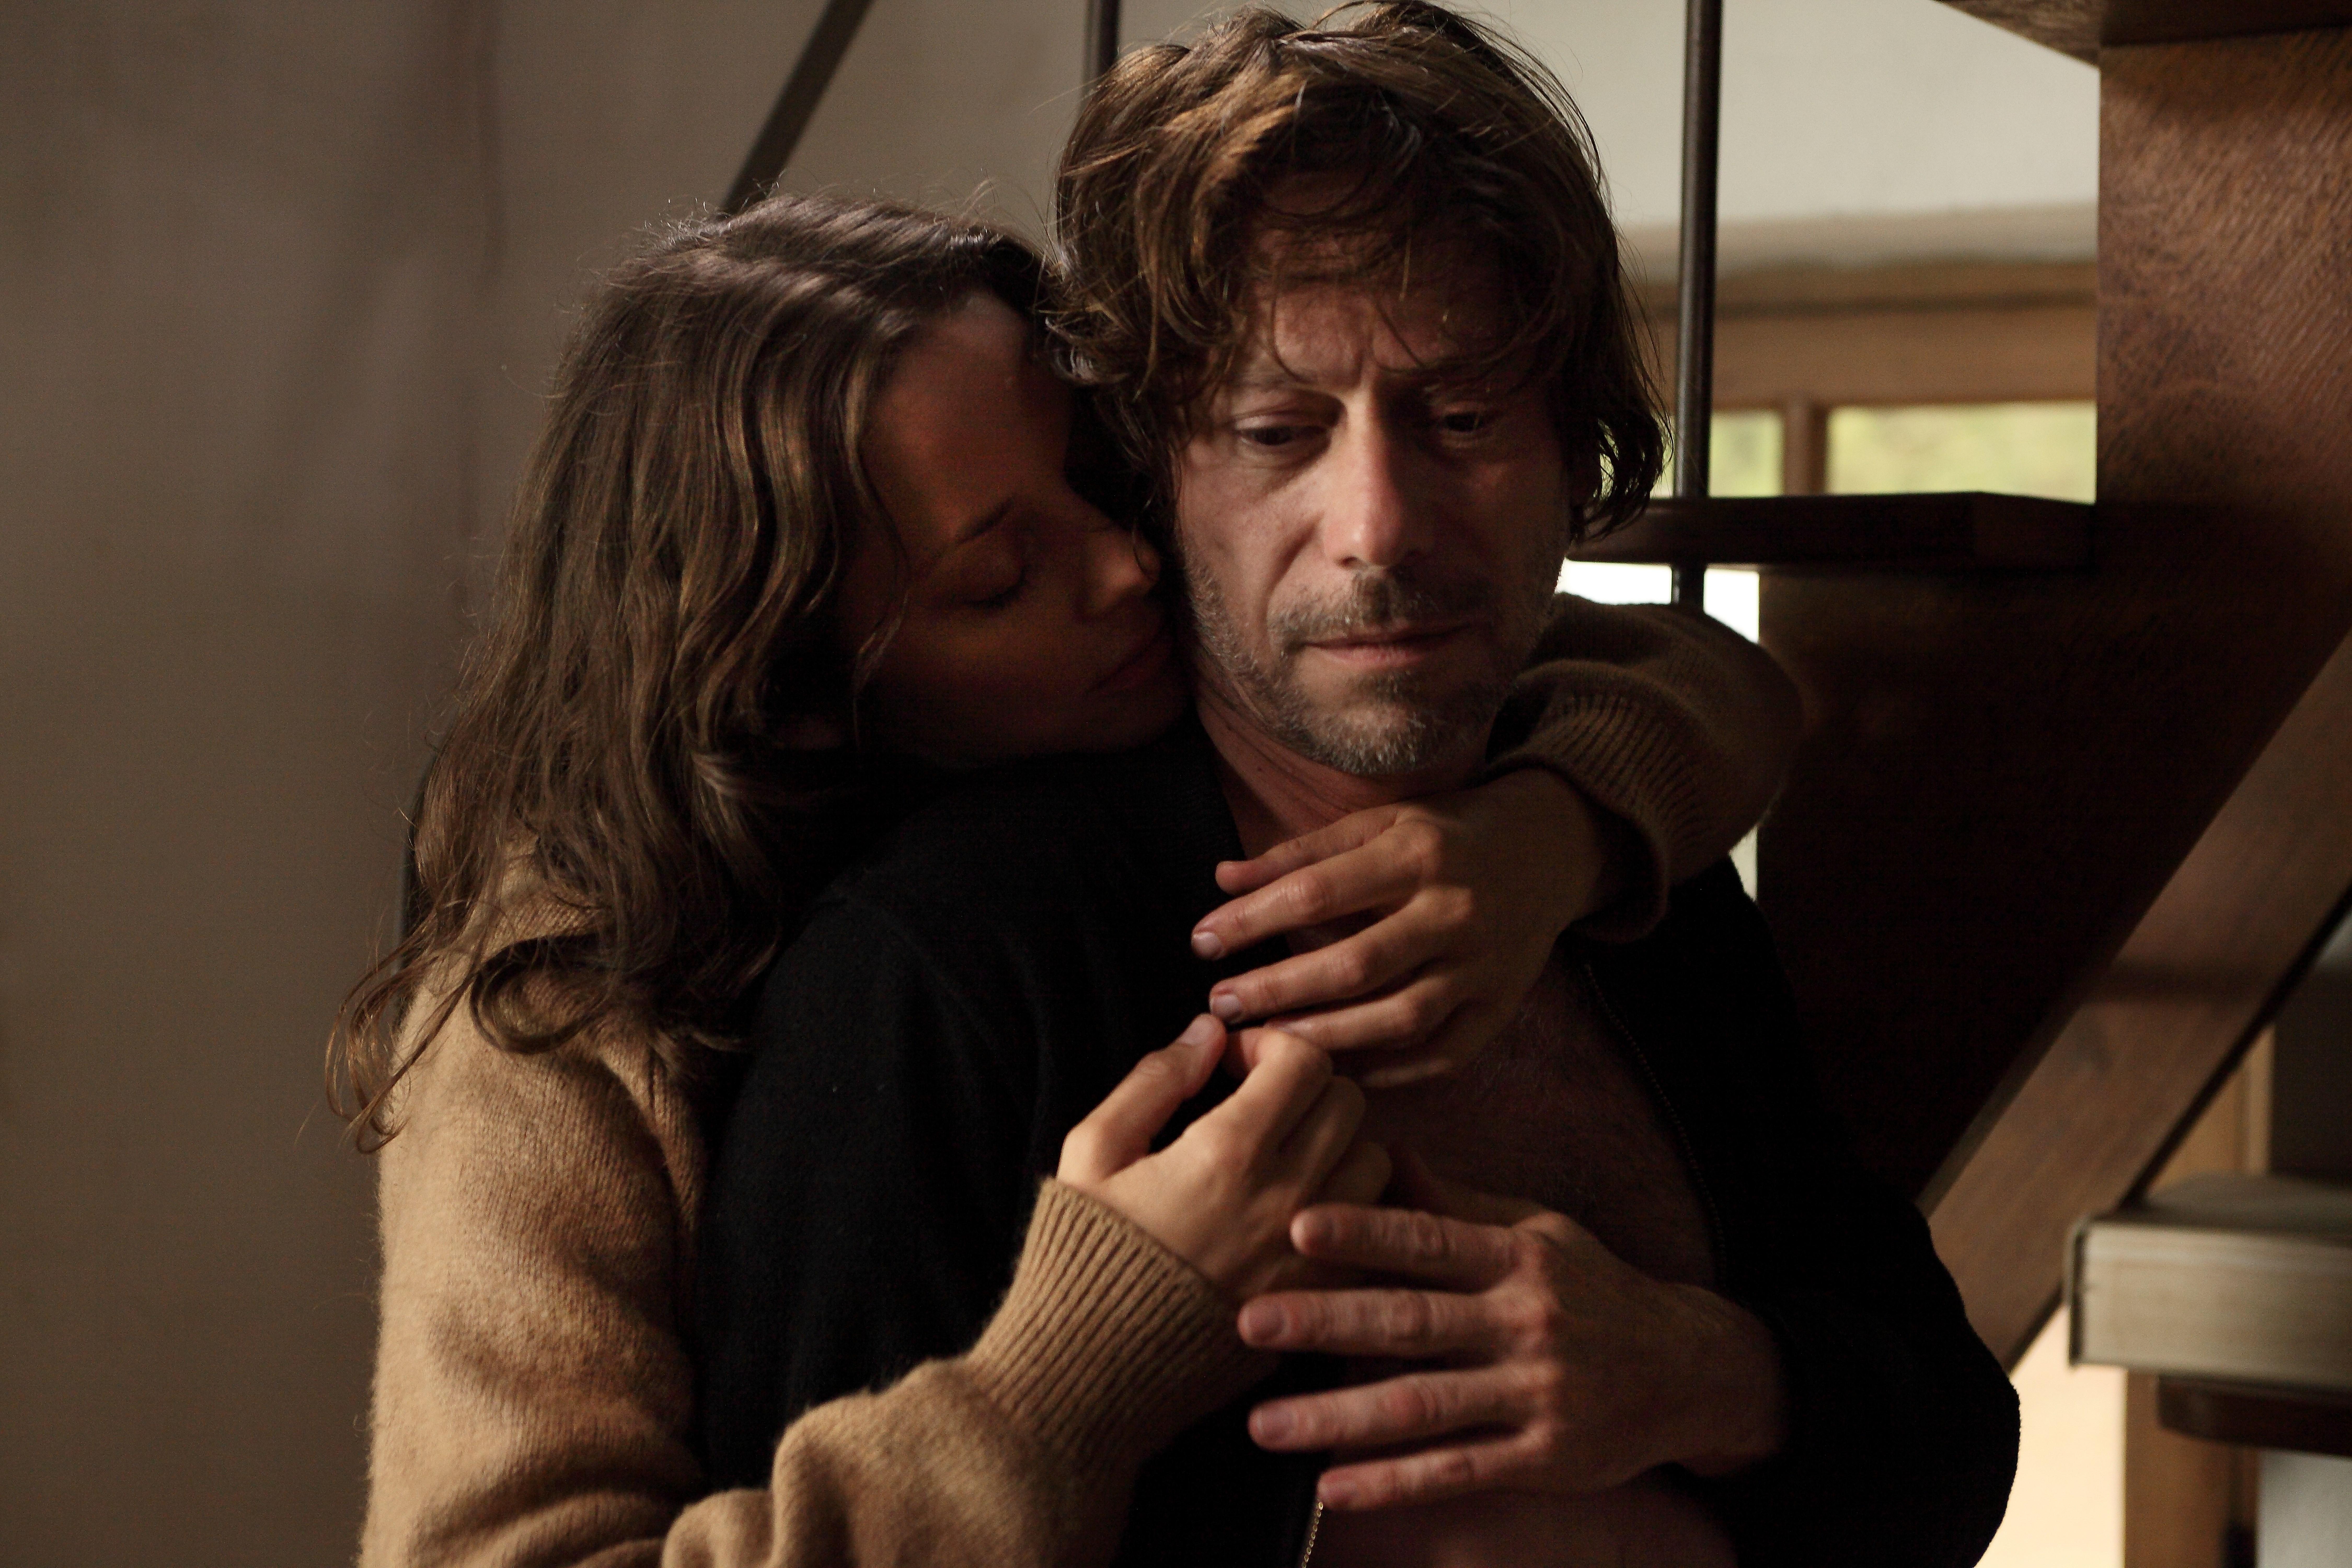 Les fantômes d'Ismaël: Mathieu Amalric e Marion Cotillard in una scena